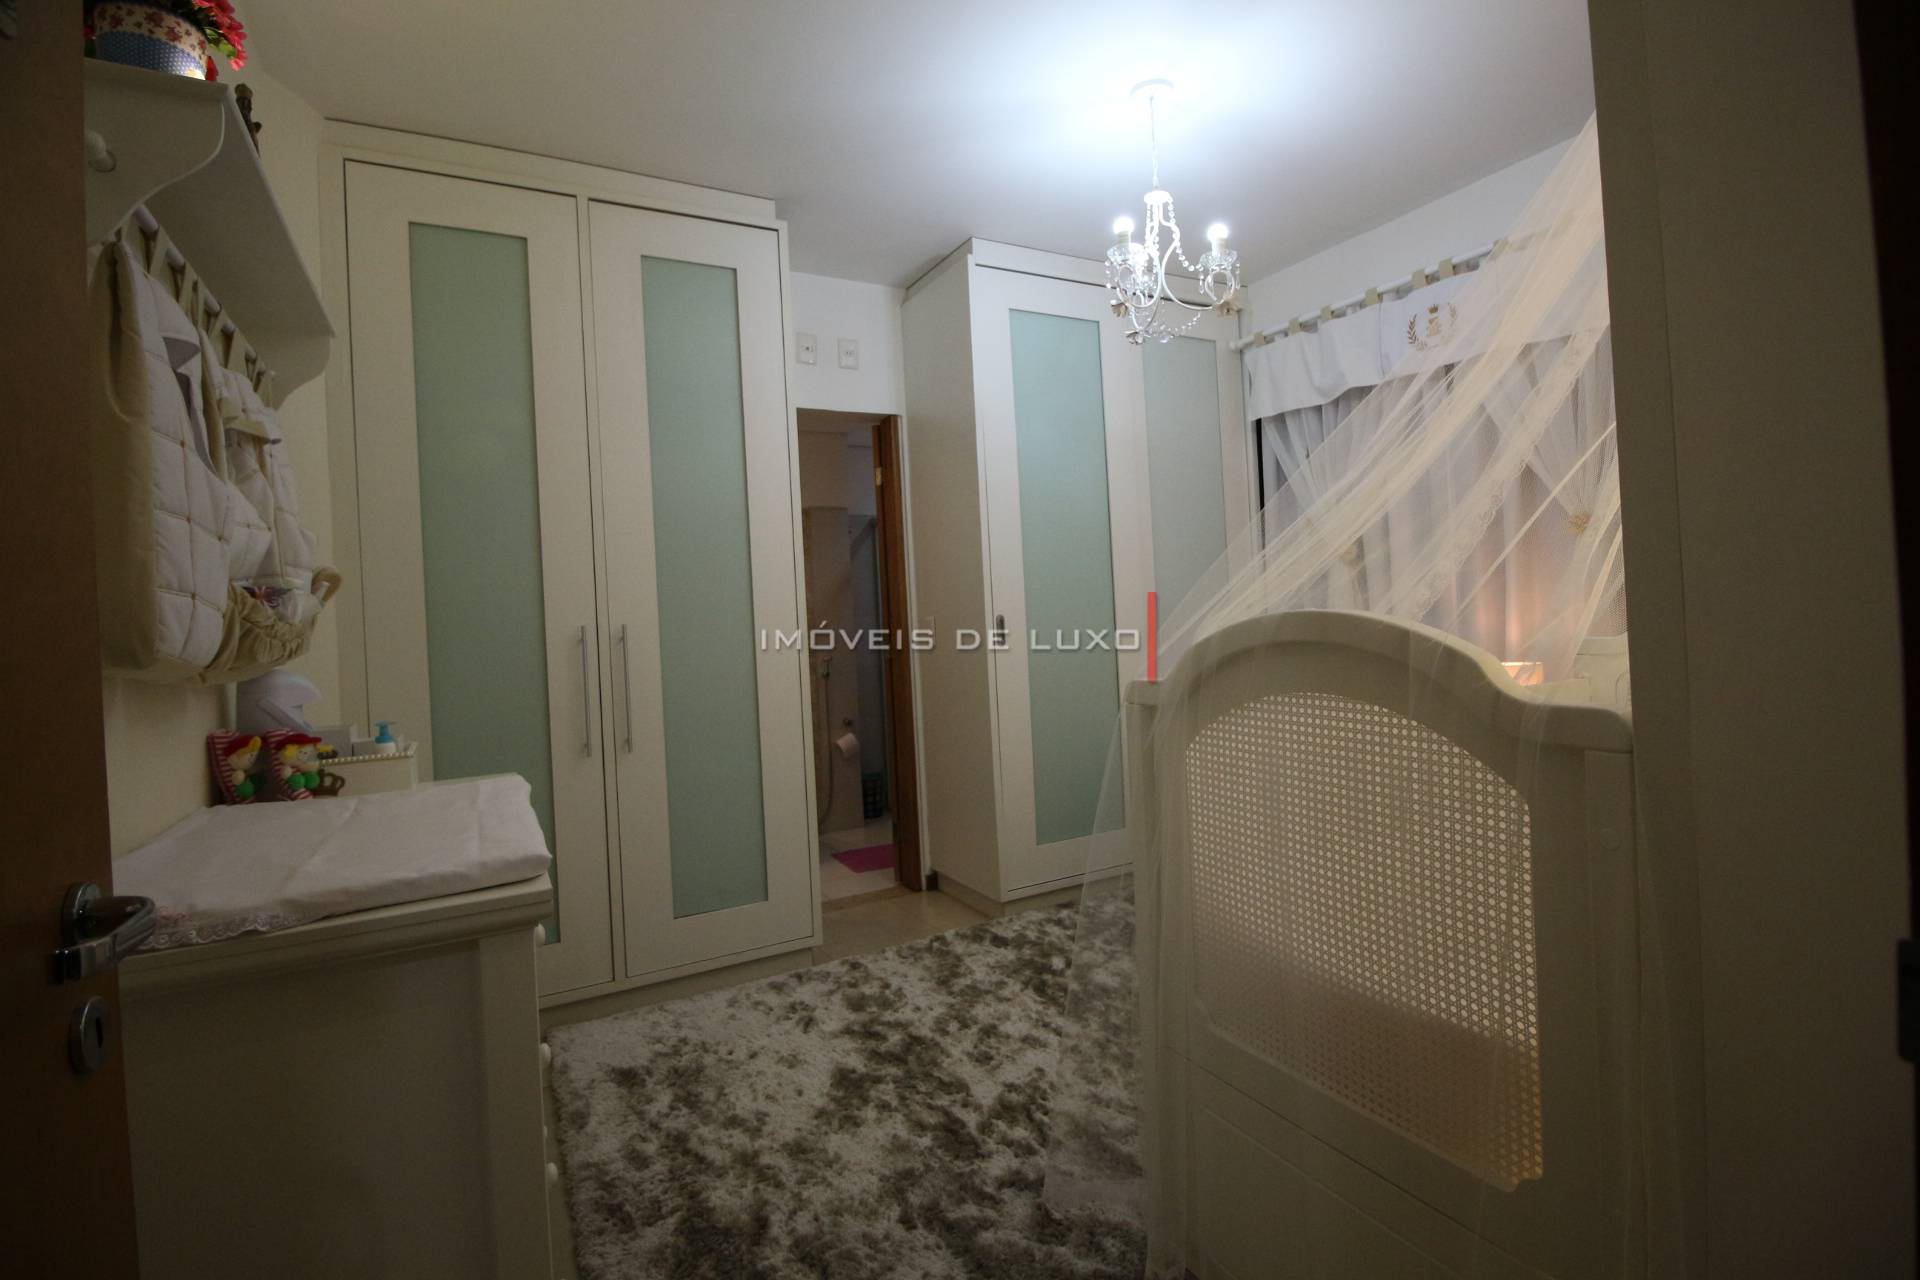 Imóveis de Luxo - Lindo apartamento reformado no Setor Bueno